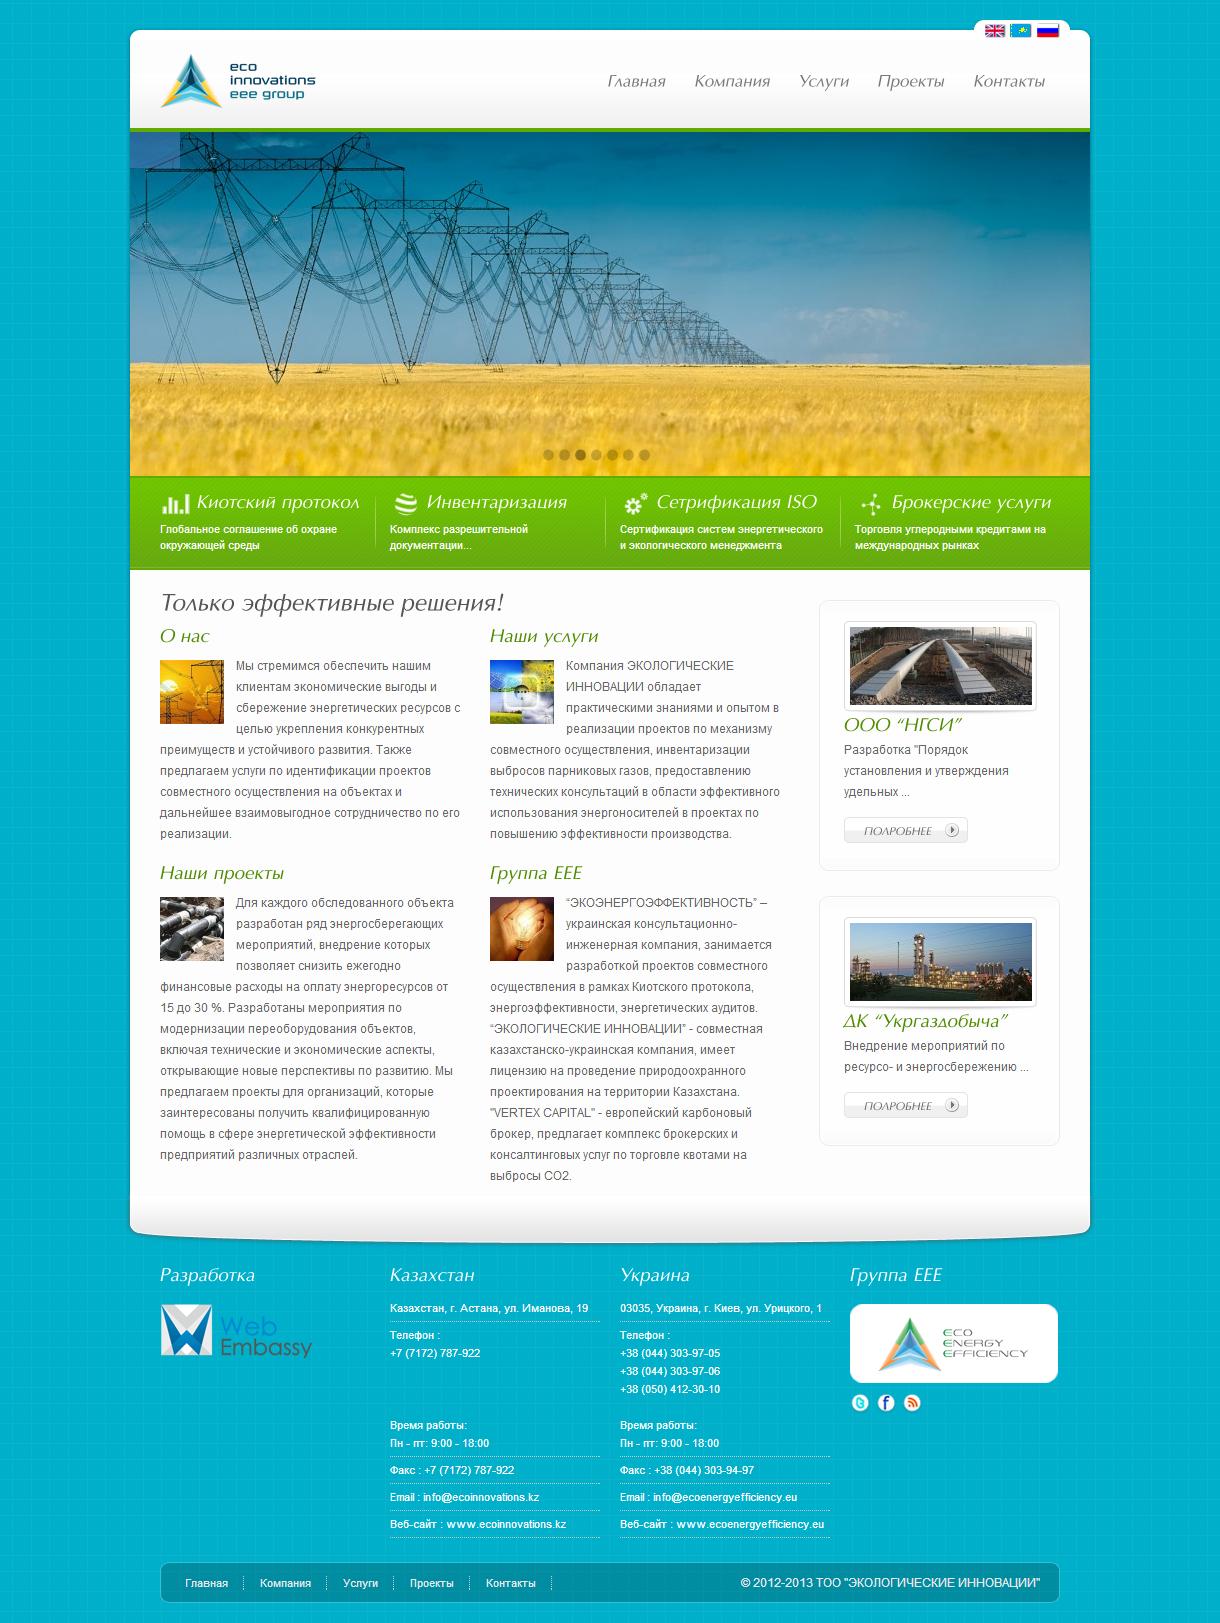 Разработка веб-сайта для казахстанской компании Eco Innovations. Сайт для международной компании